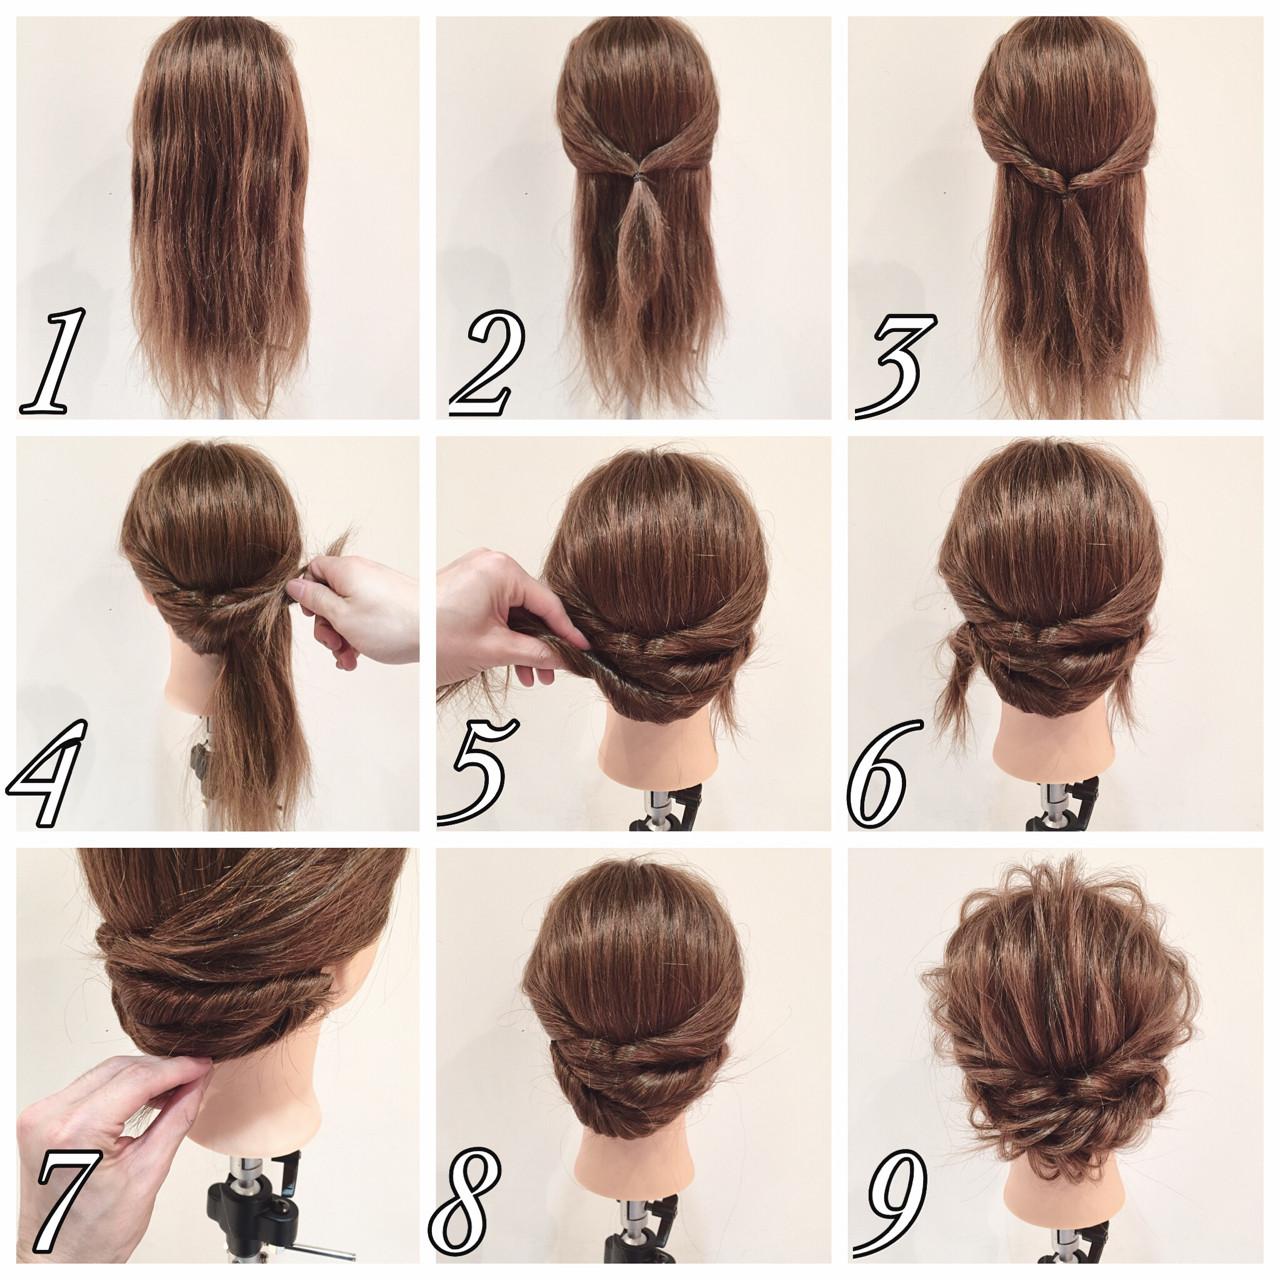 セルフで簡単ヘアアレンジ!成人式の二次会にオススメしたい髪型4選。 【hair】